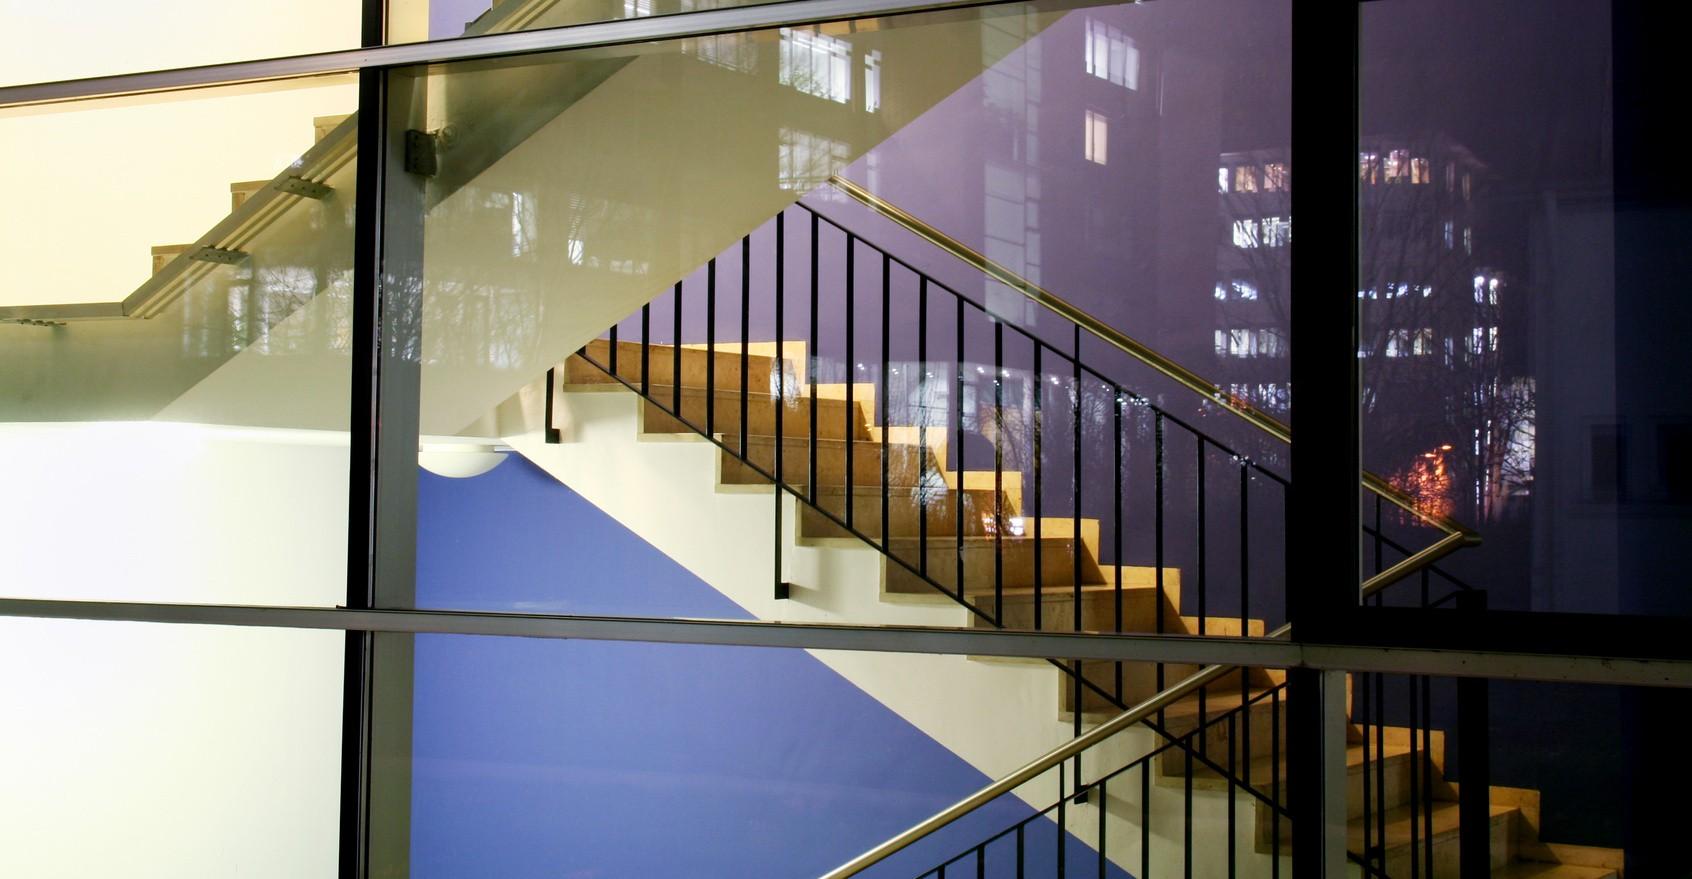 Treppenhaus2.jpg